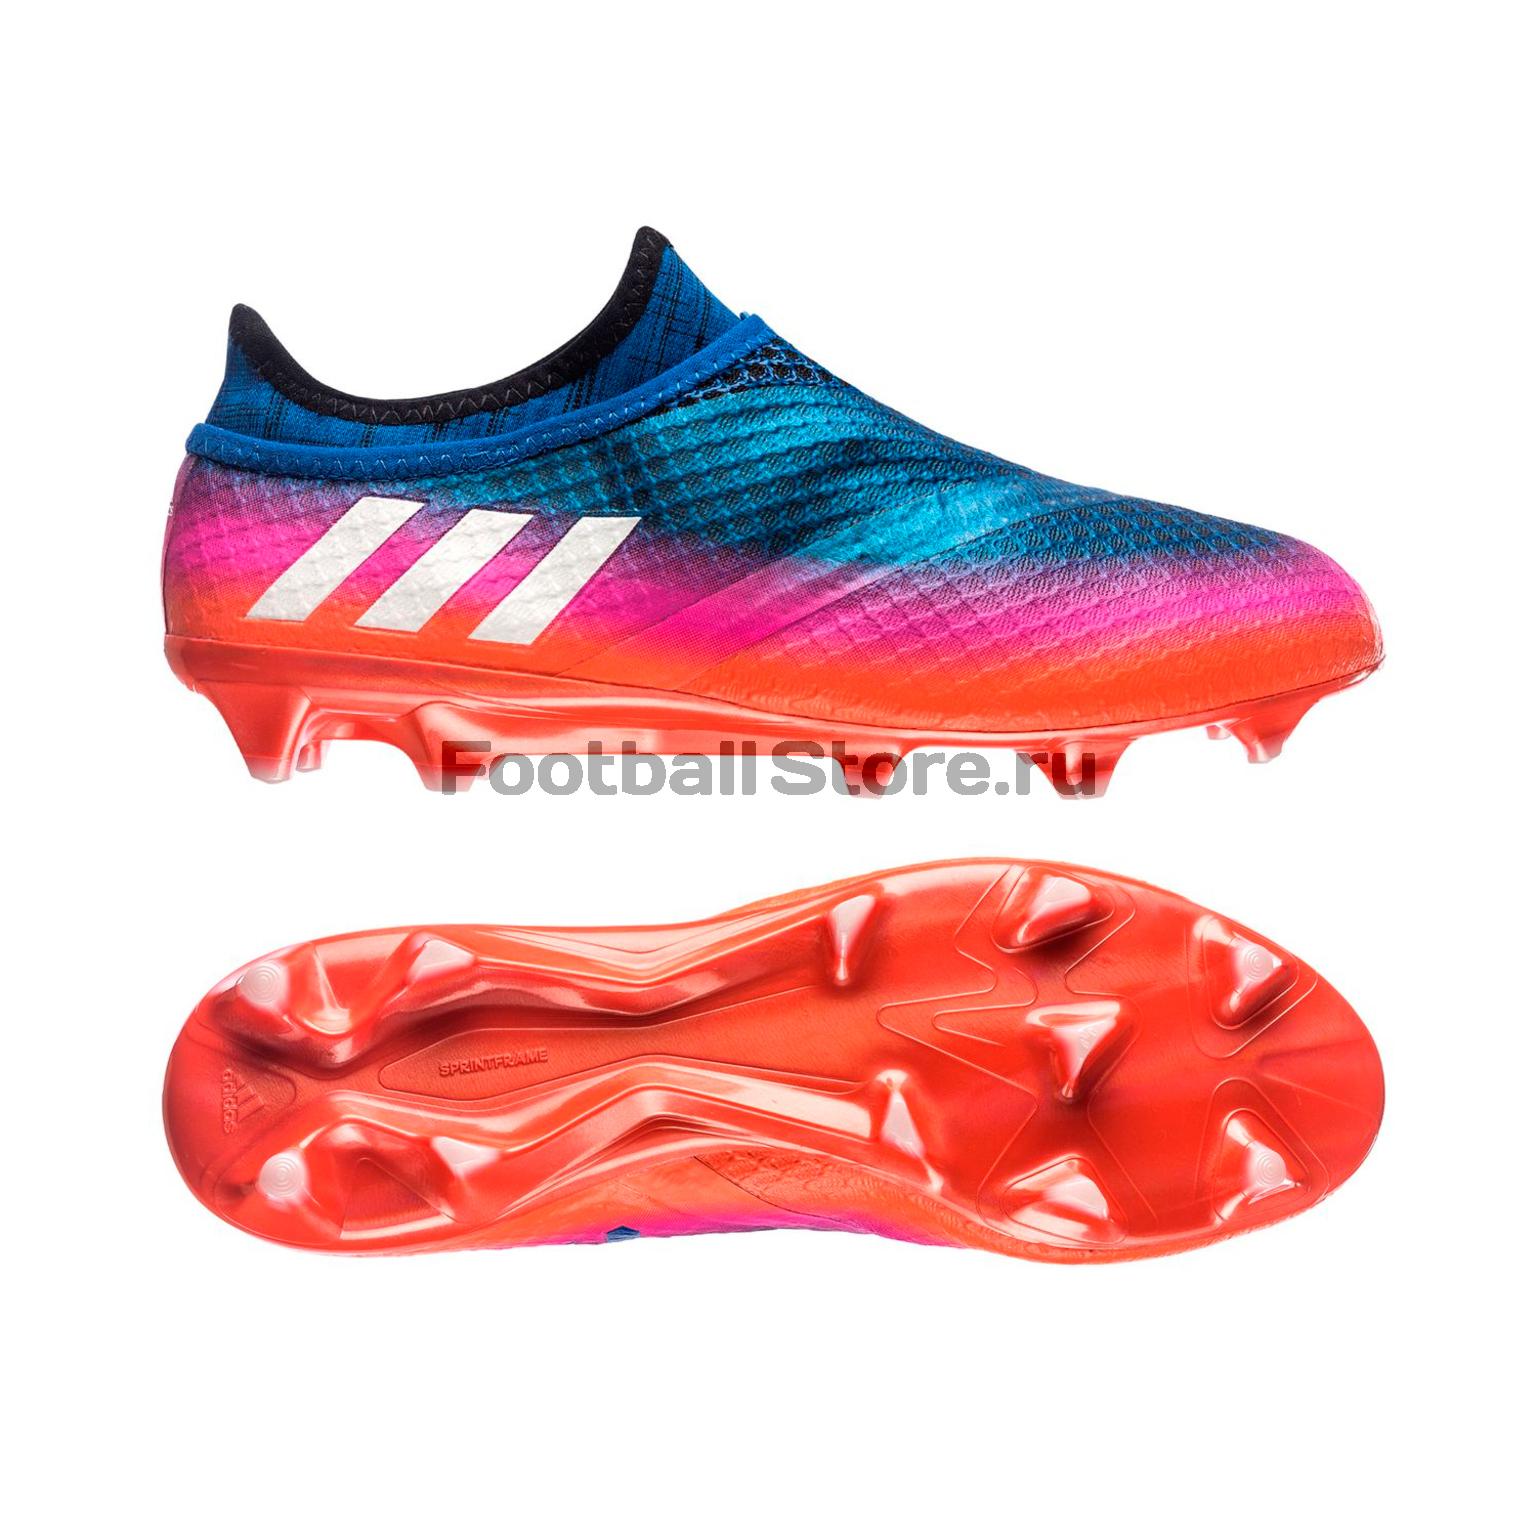 Игровые бутсы Adidas Бутсы Adidas Messi 16+ Pureagility FG BB1871 бутсы adidas бутсы для зала дет спорт messi 16 3 in j